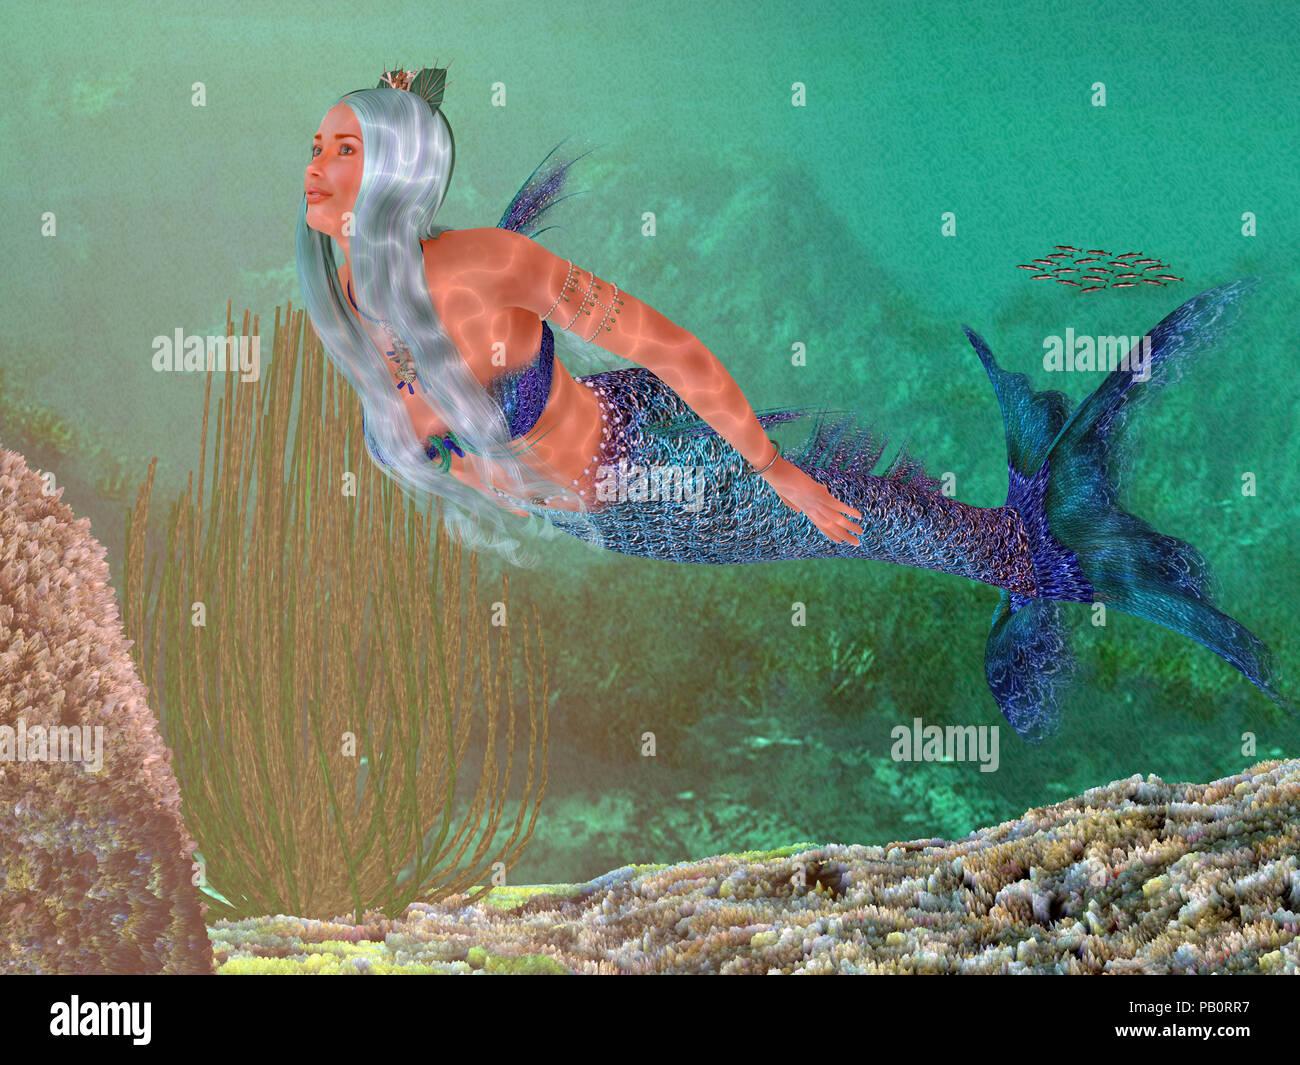 Marina - una sirena hermosa sirena coronada con conchas de mar nadando graciosamente bajo el agua a través de un arrecife marino. Foto de stock